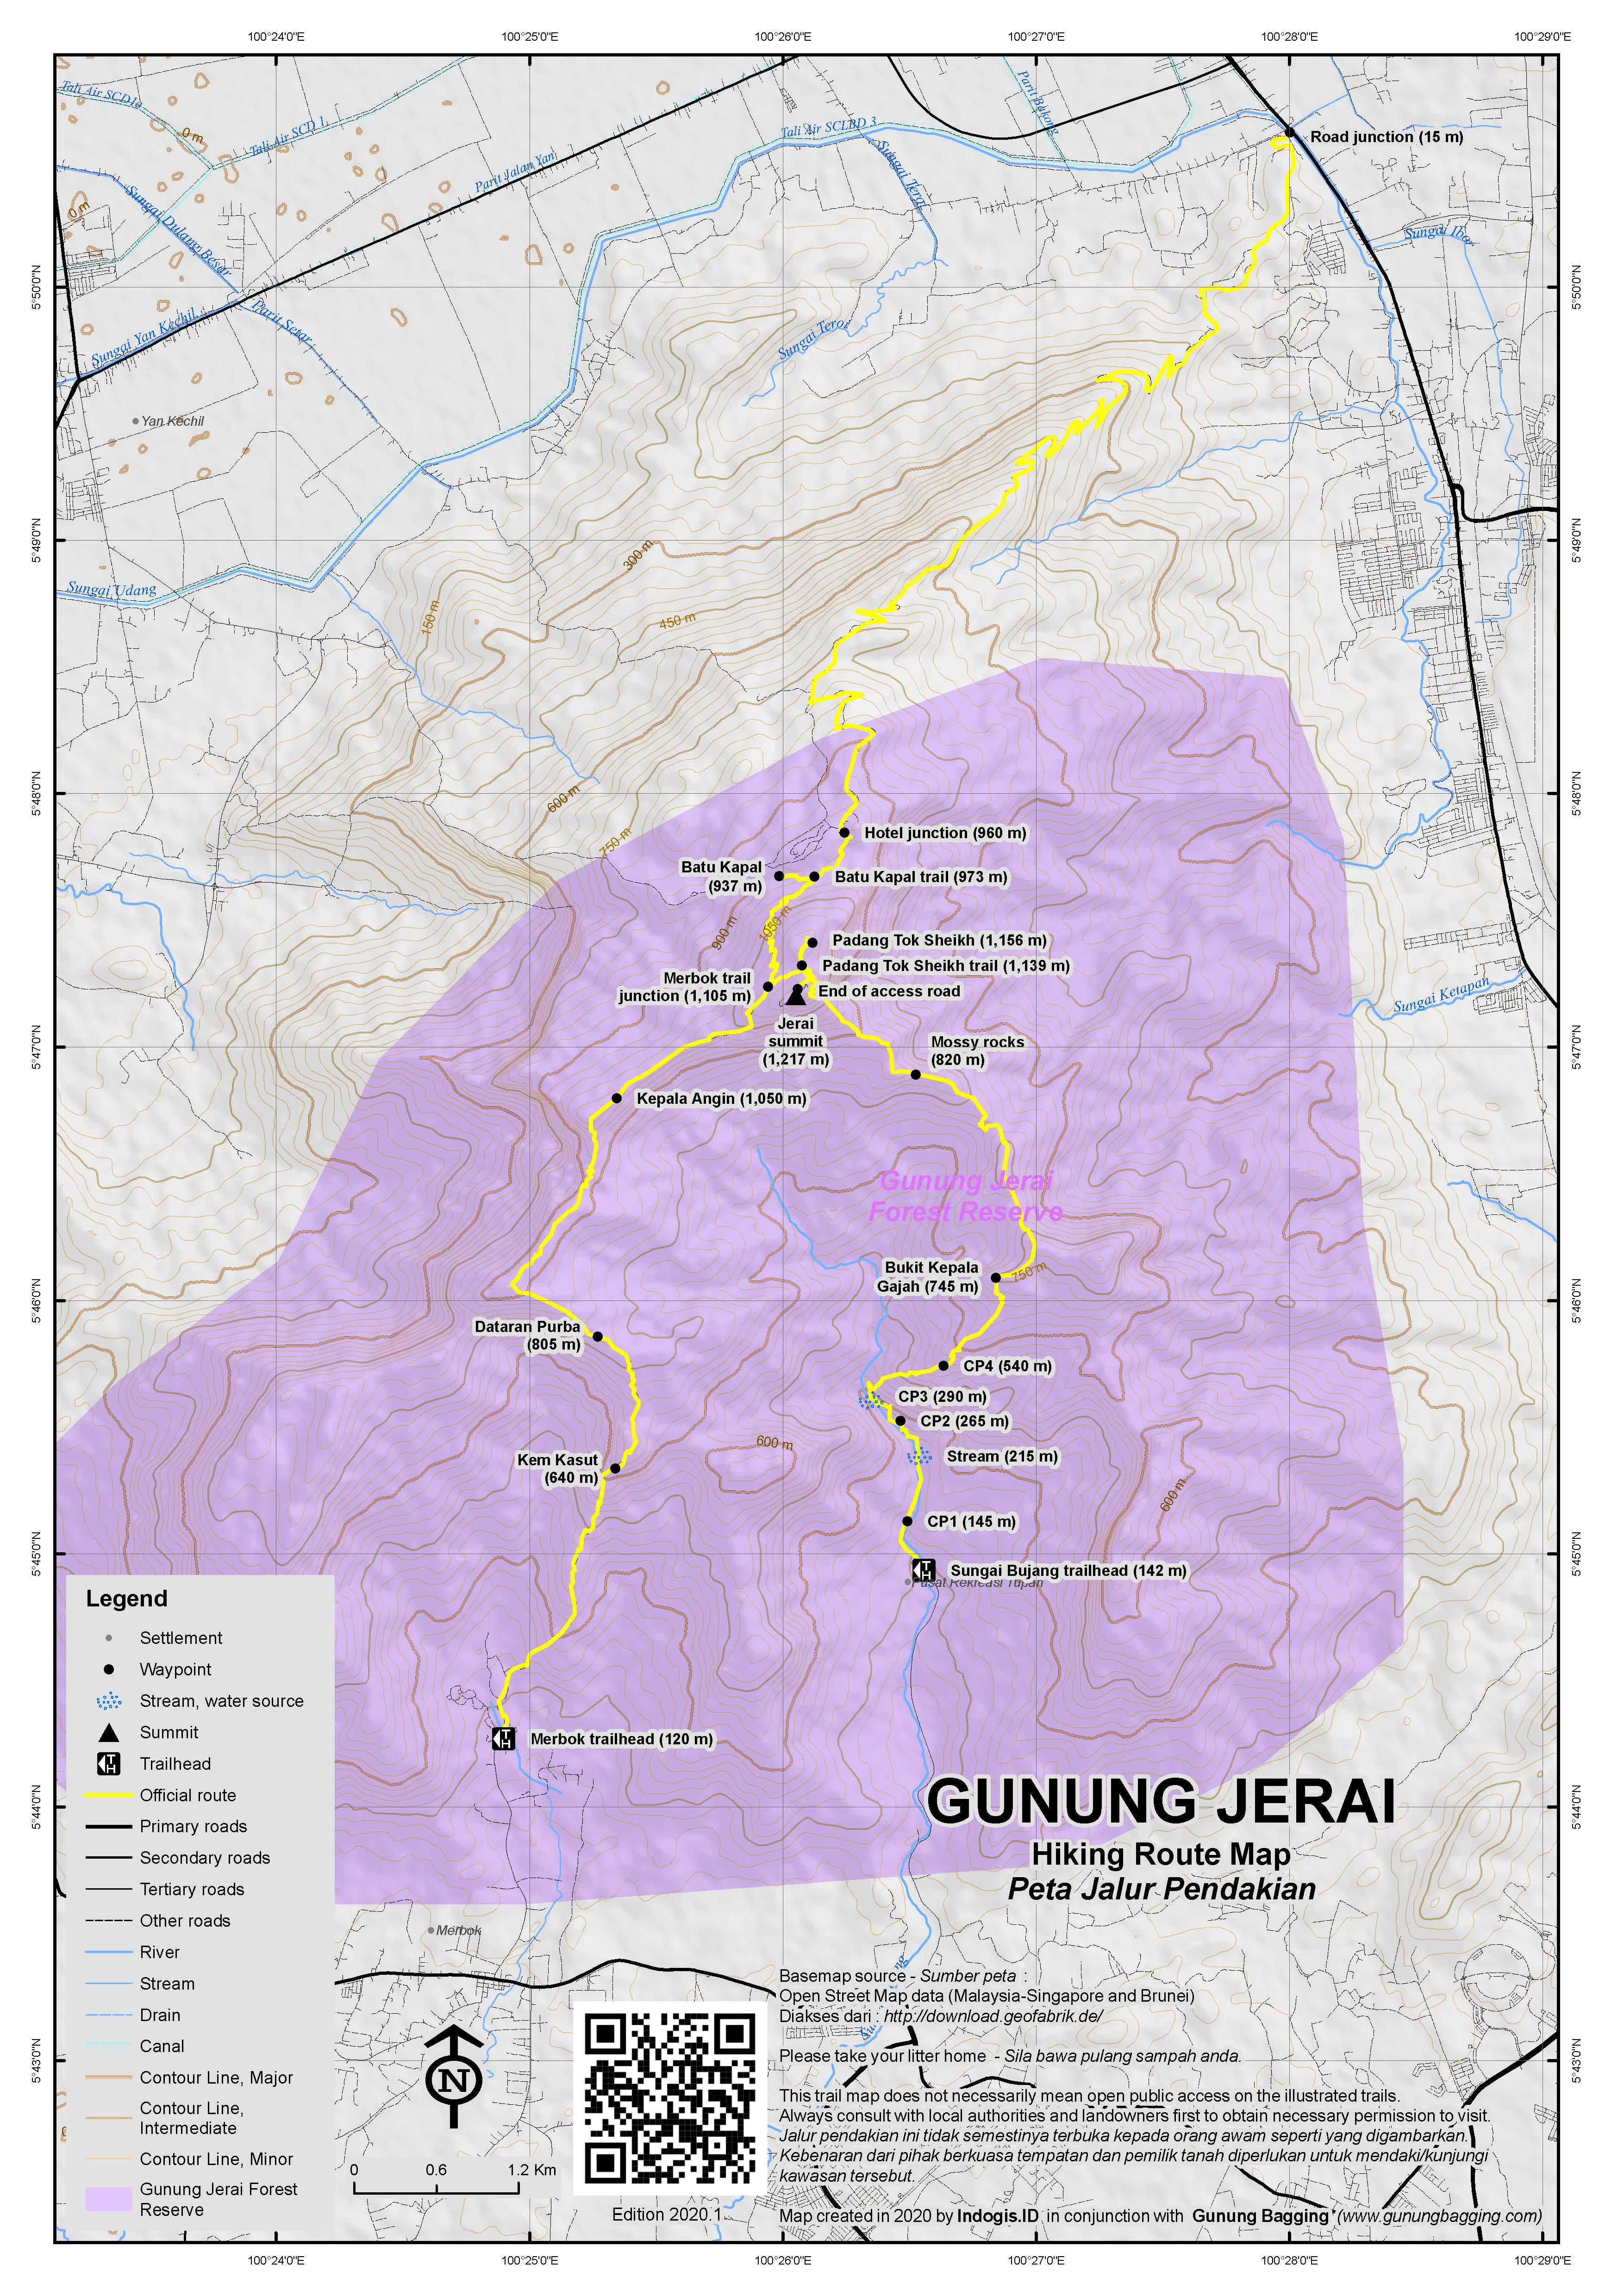 Peta Jalur Pendakian Gunung Jerai